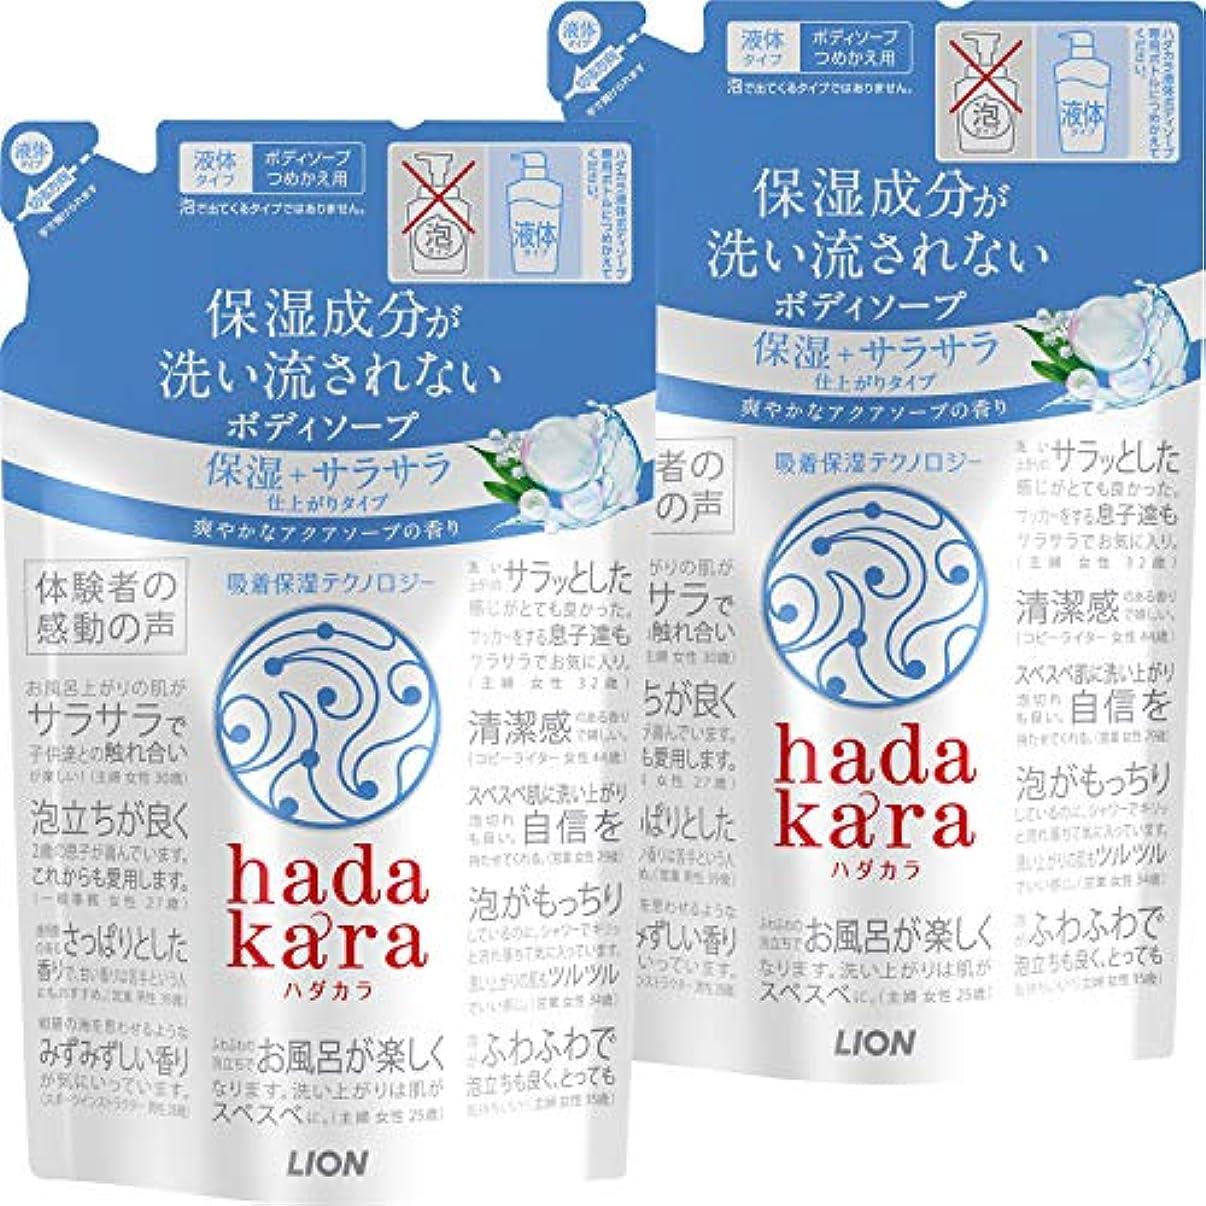 ひも糞先入観【まとめ買い】hadakara(ハダカラ) ボディソープ 保湿+サラサラ仕上がりタイプ アクアソープの香り 詰め替え 340ml×2個パック